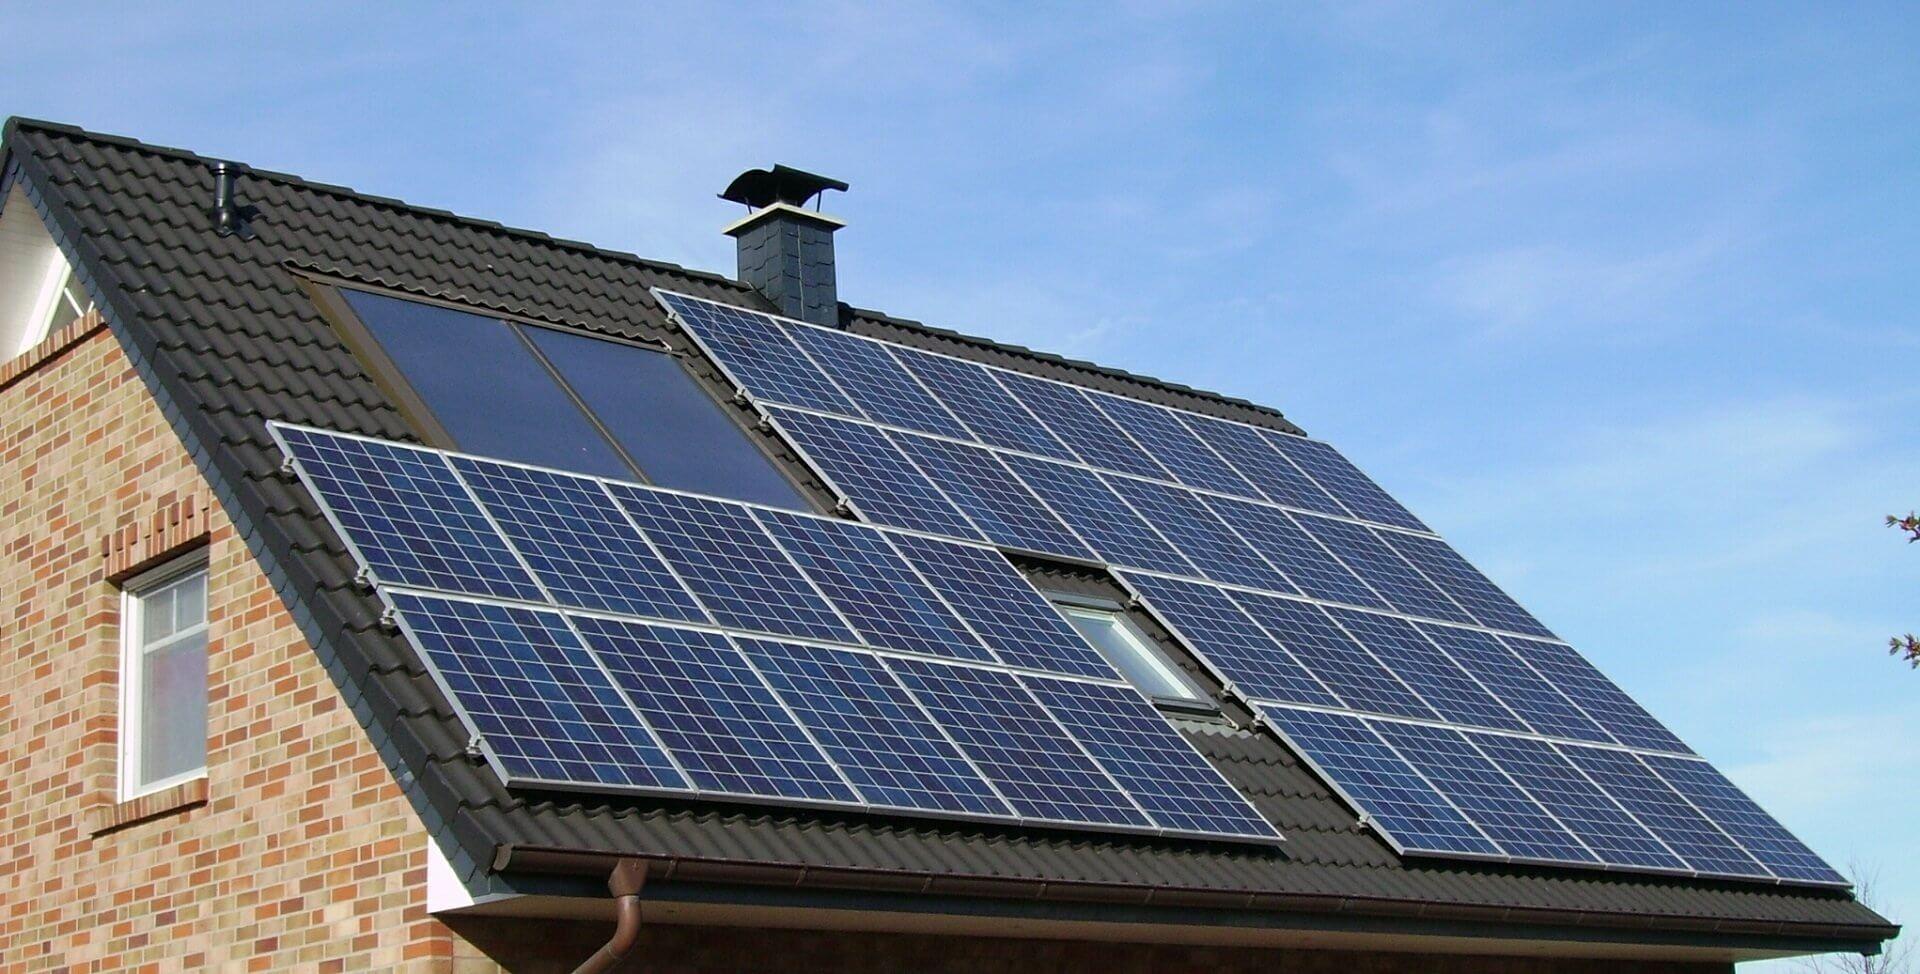 Cena kWh a MWh elektřiny - solární panely na rodinném domě